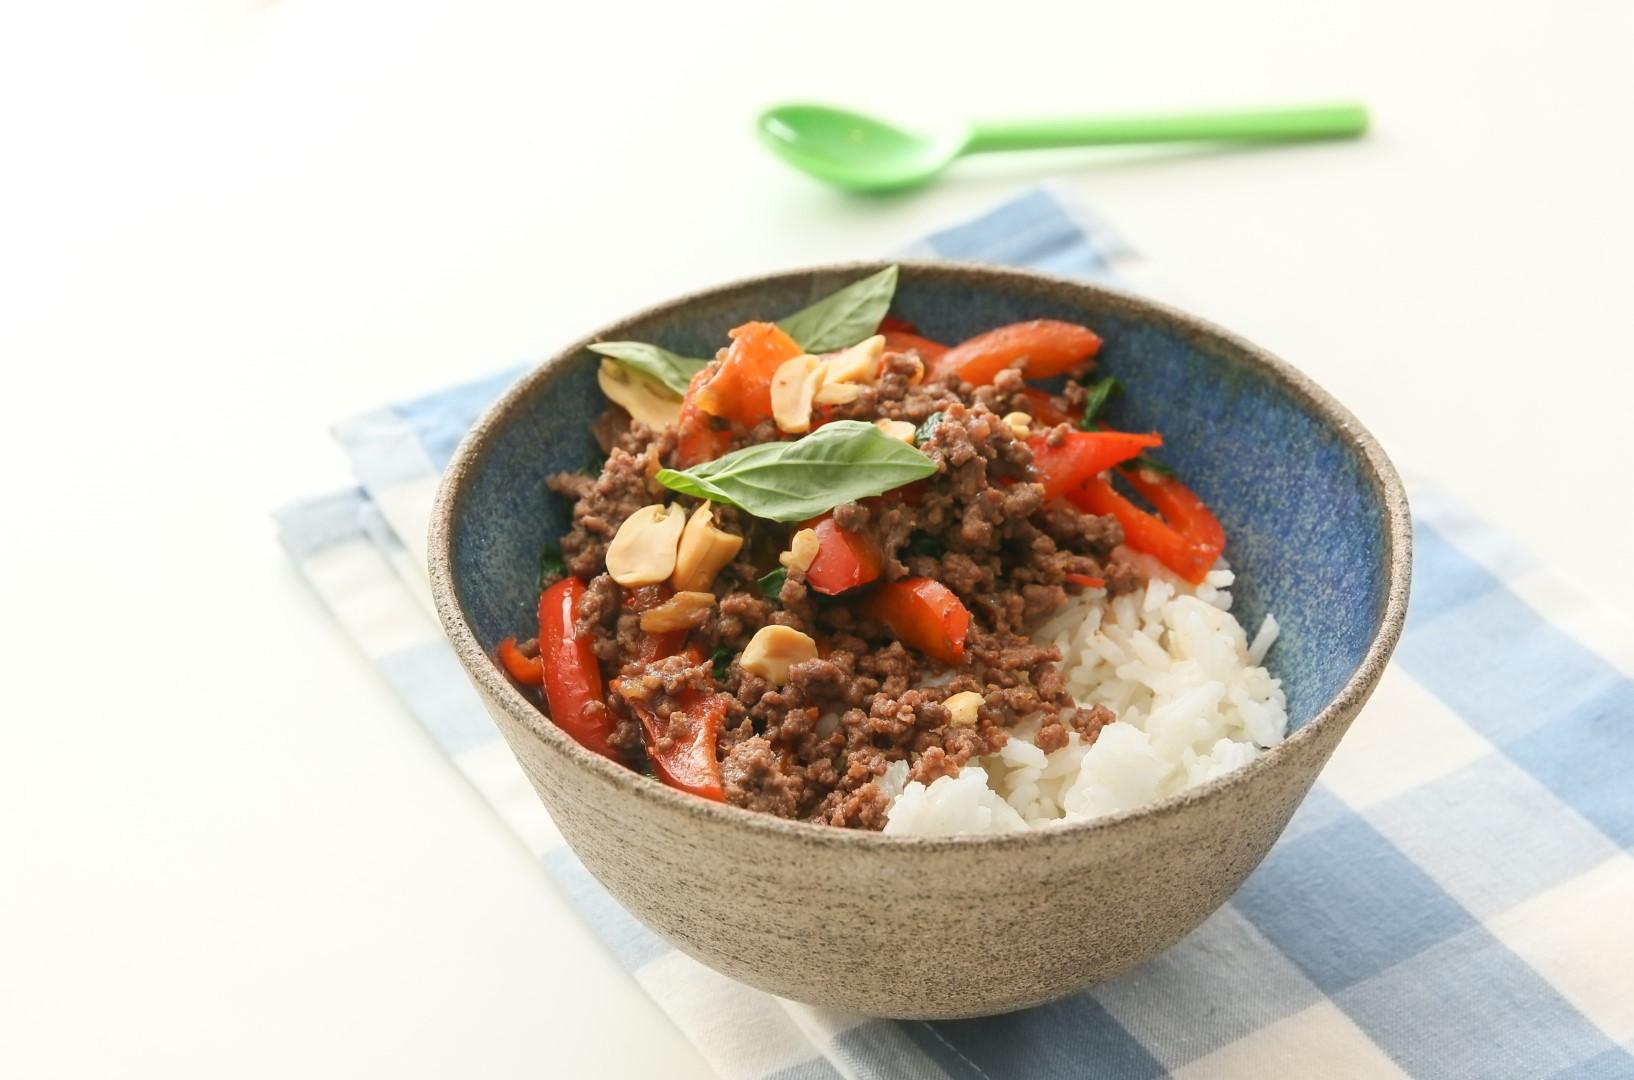 תבשיל עם בשר טחון (צילום: ירון ברנר)